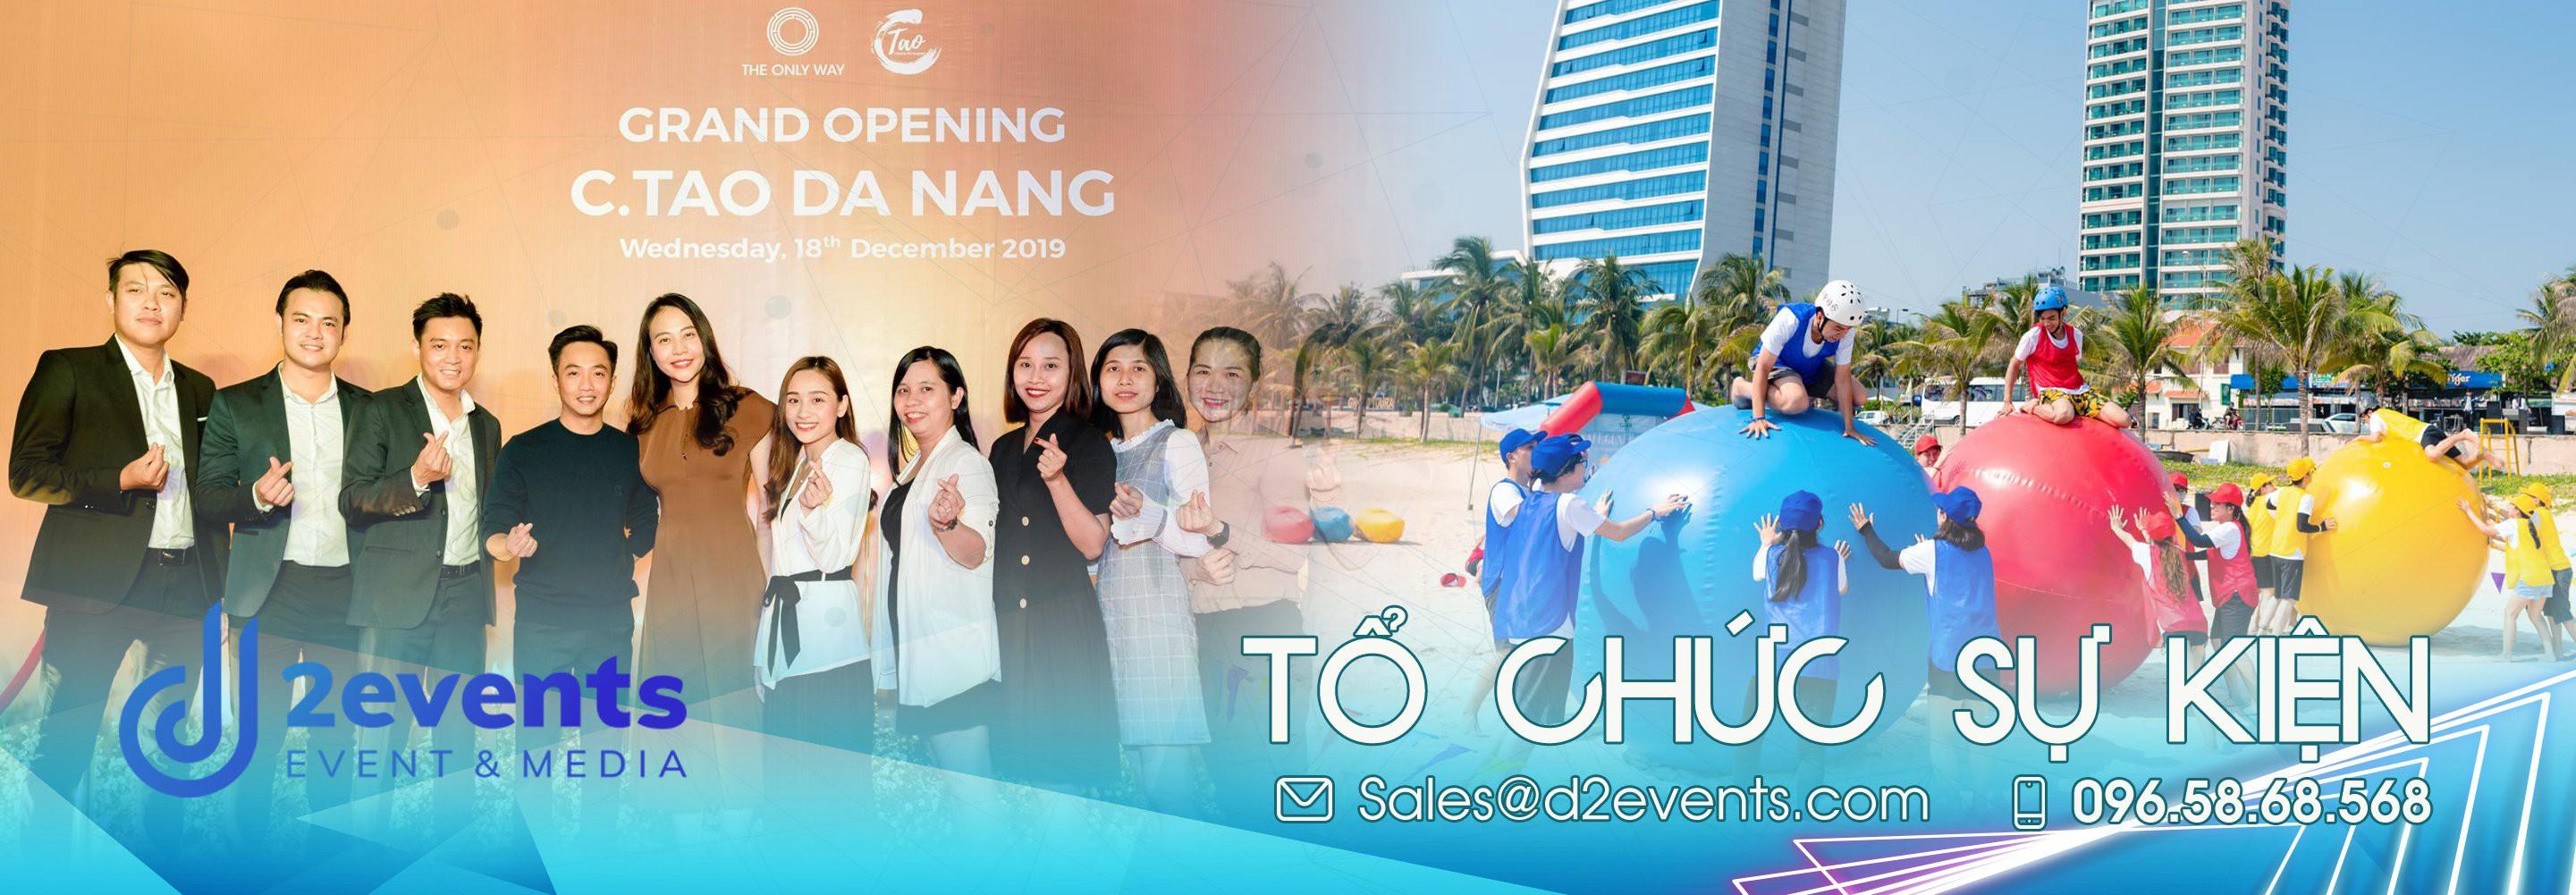 Đơn vị tổ chức sự kiện Đà Nẵng